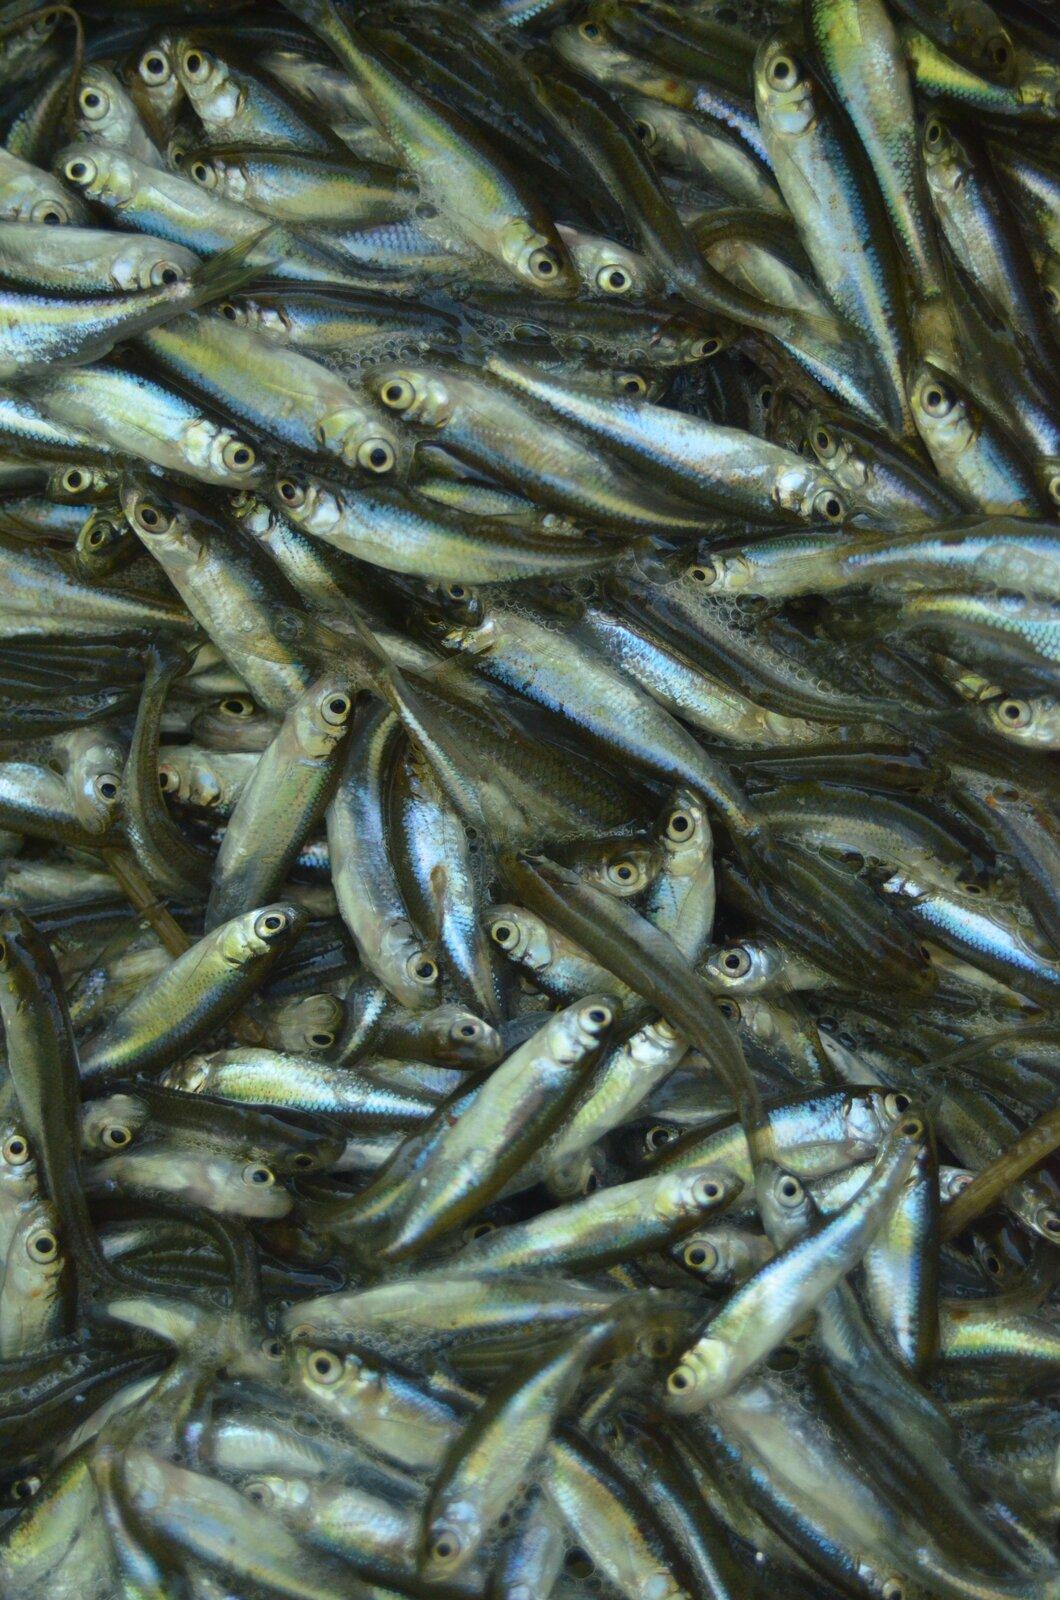 Fotografia wykonana zgóry prezentuje dużą ilość wyłowionych śledzi usypanych wstos. Ryby mają długie, wąskie ciała zkrótkimi płetwami iczarnymi oczami. Łuski są szare na bokach igrzbiecie, abiałe na dole ciała.